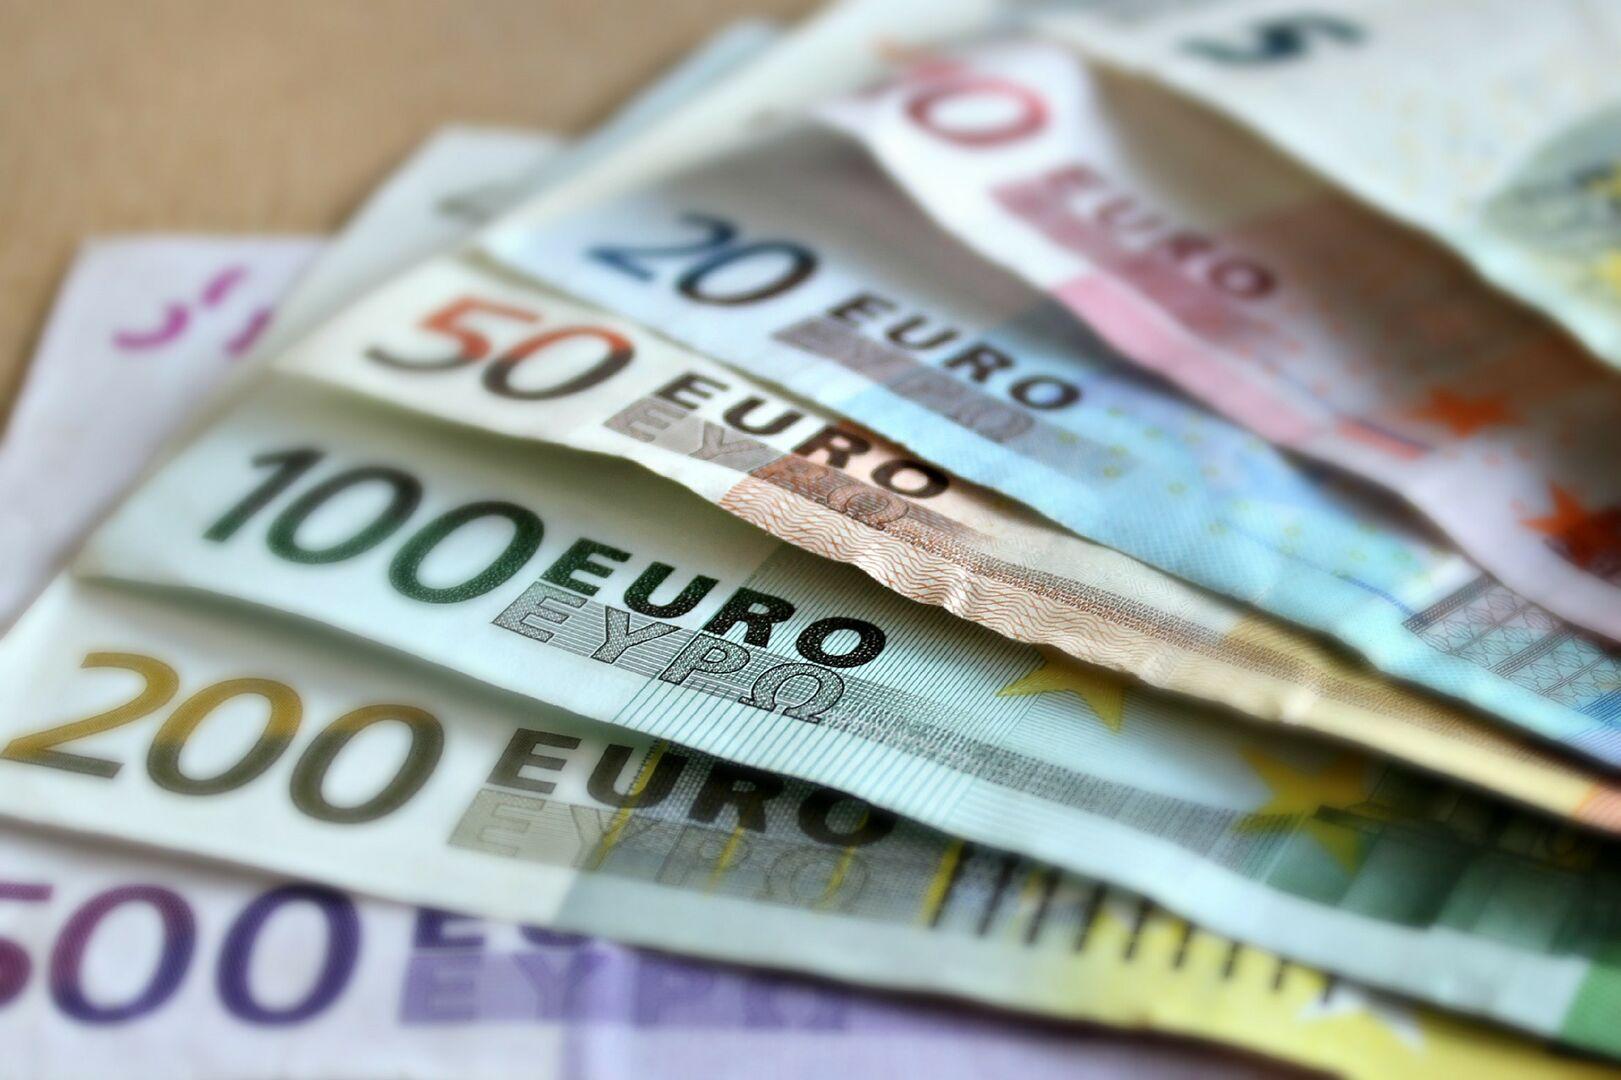 Estas son las diferencias salariales de los funcionarios: una 'brecha' de hasta 1.900 euros al mes